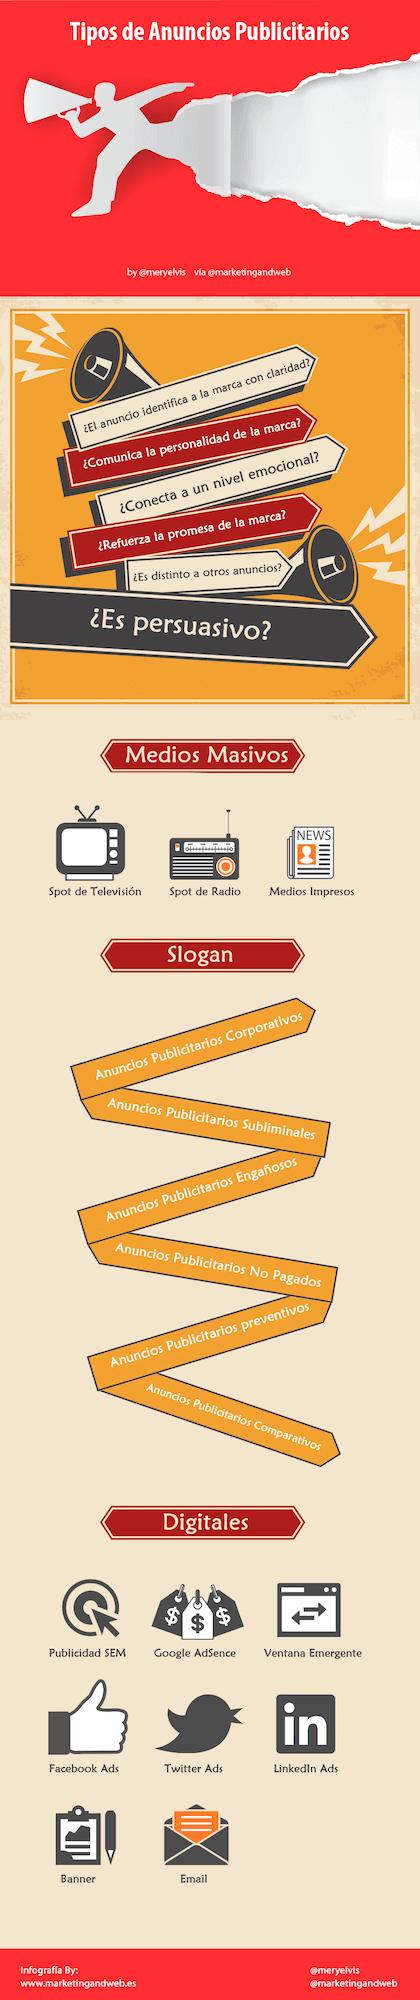 tipos de anuncios publicitarios-infografia